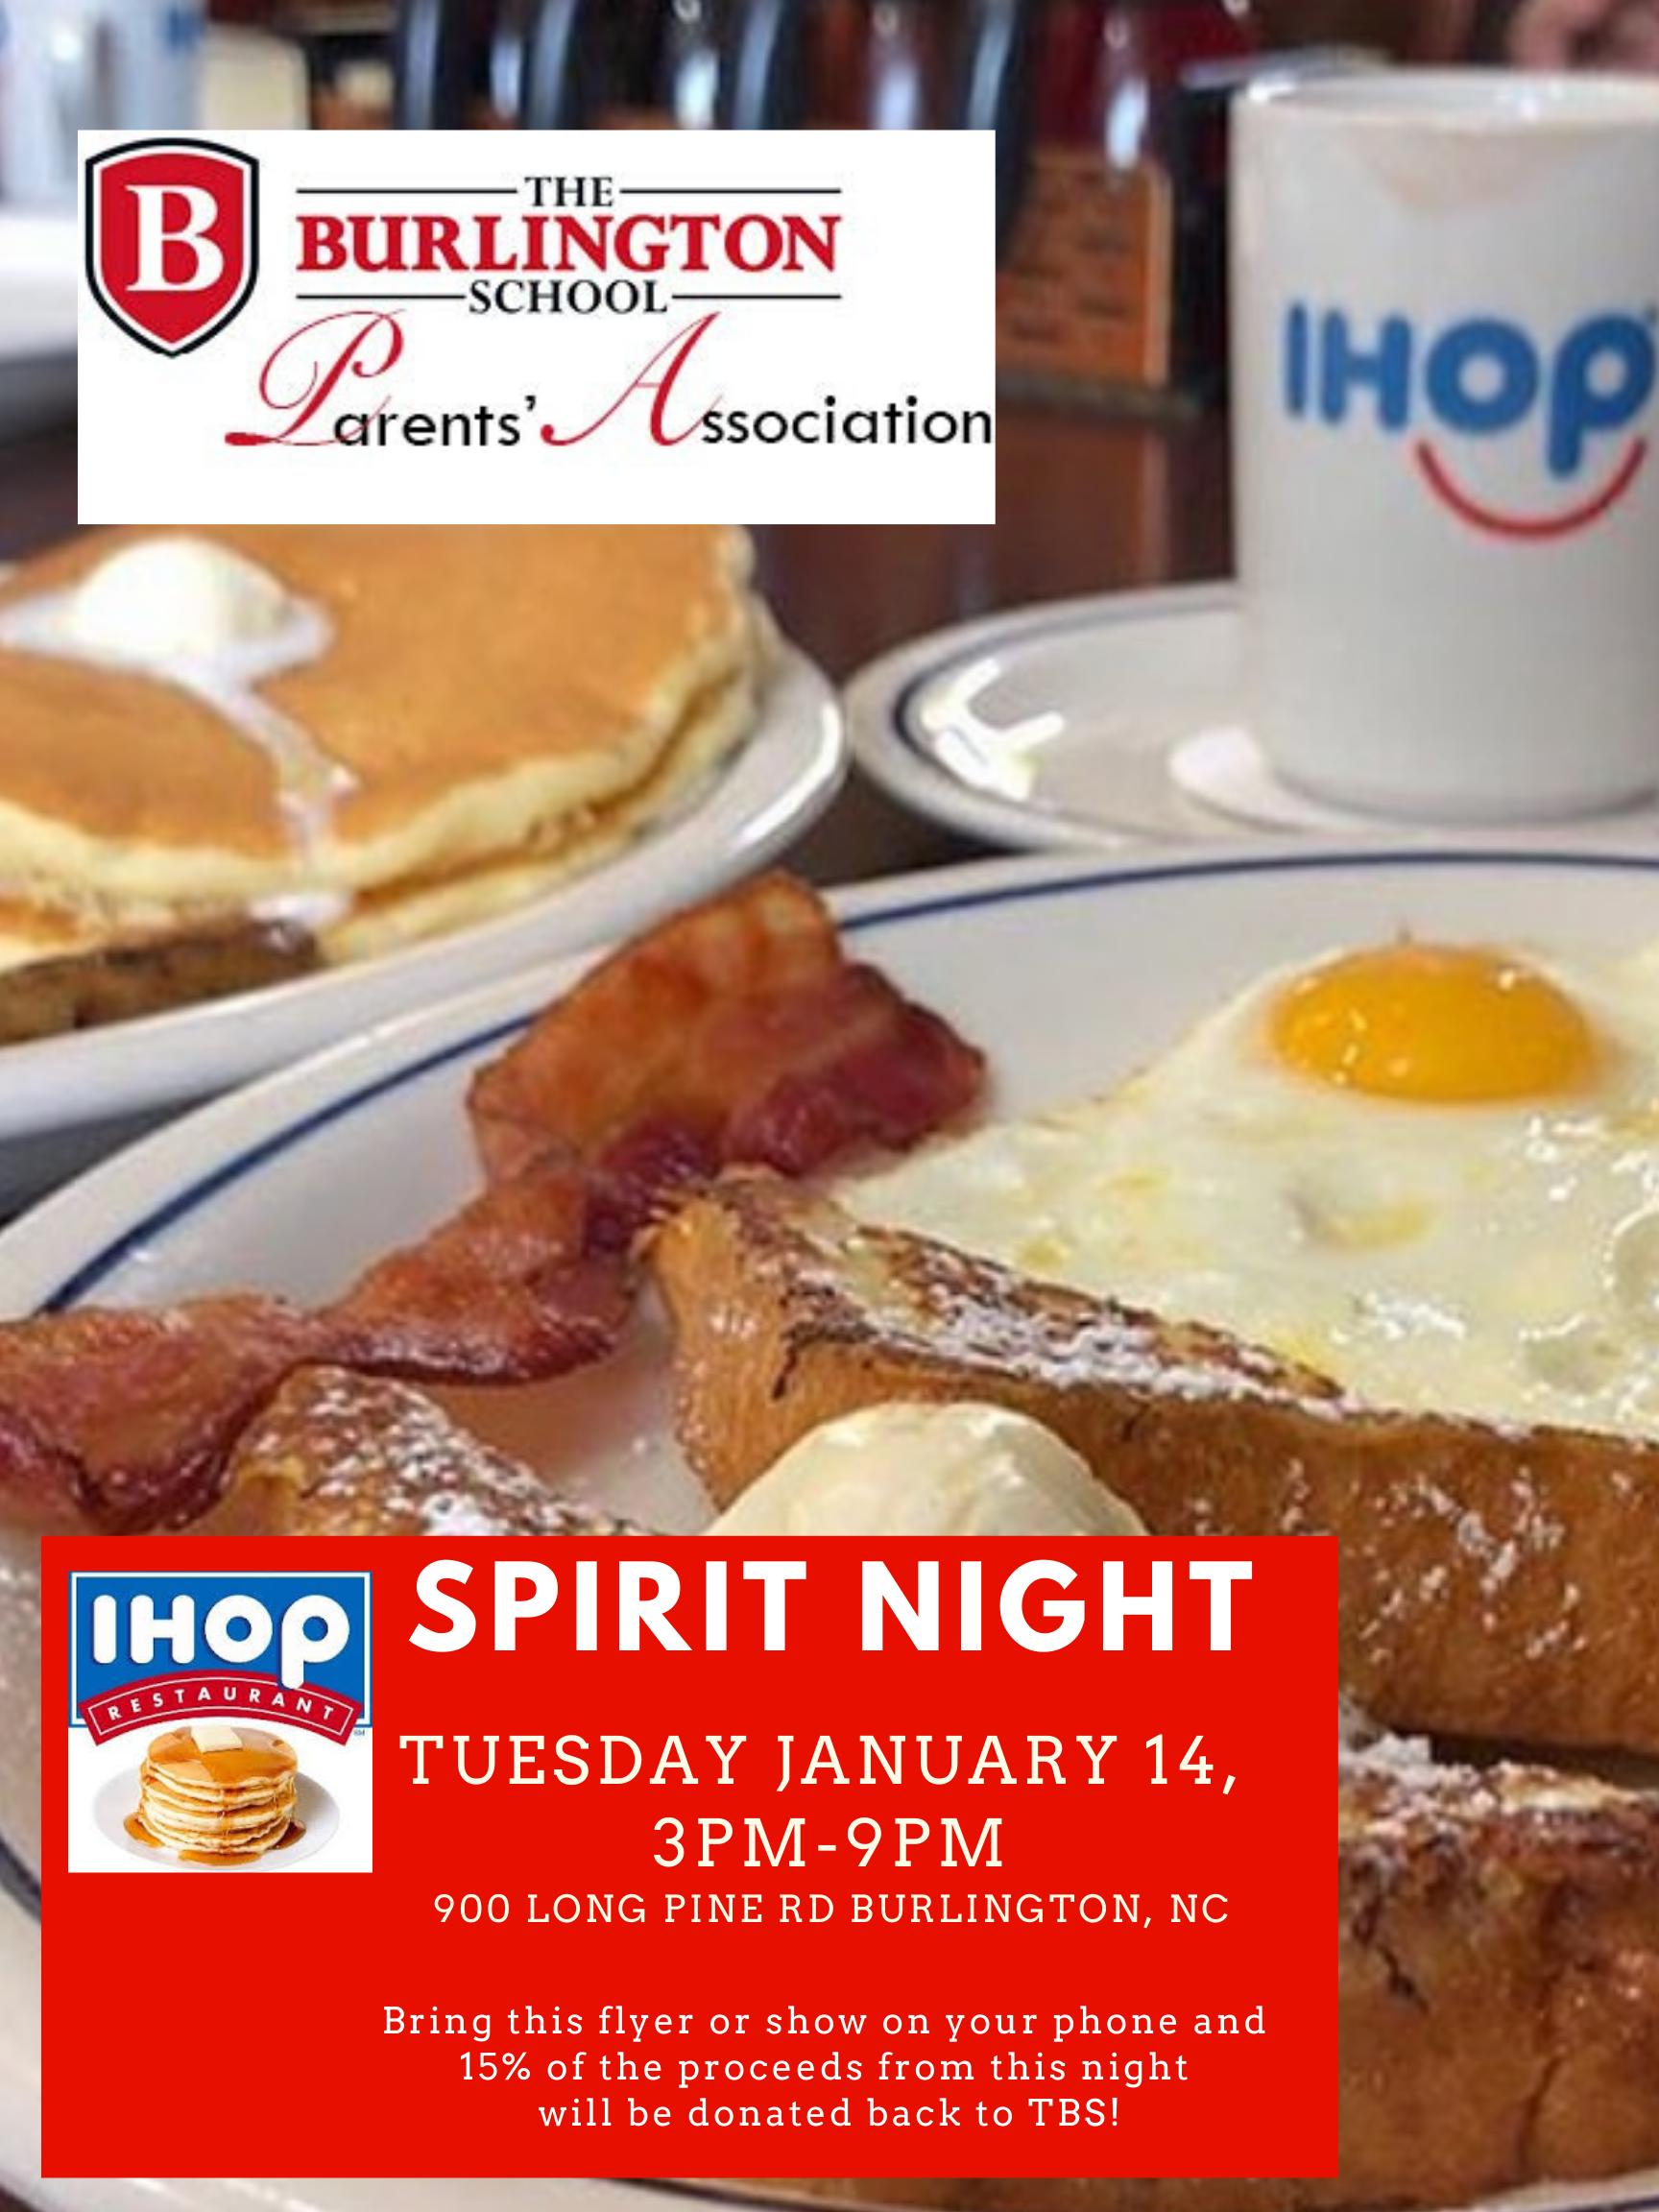 IHOP spirit night flyer